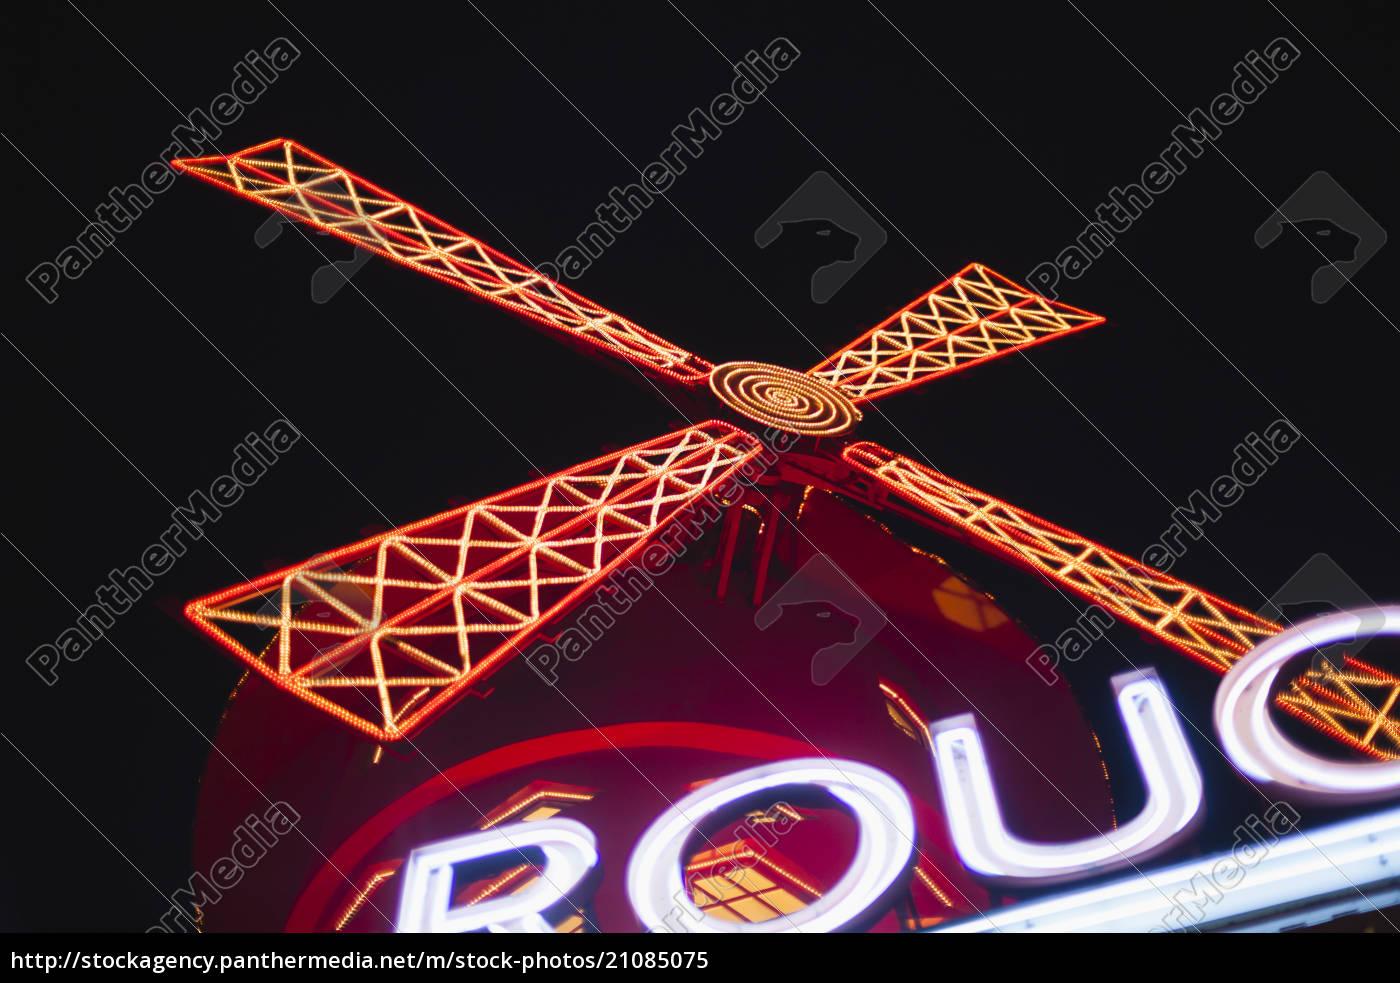 frankreich, paris, lightes, moulin, rouge, in, der, nacht - 21085075